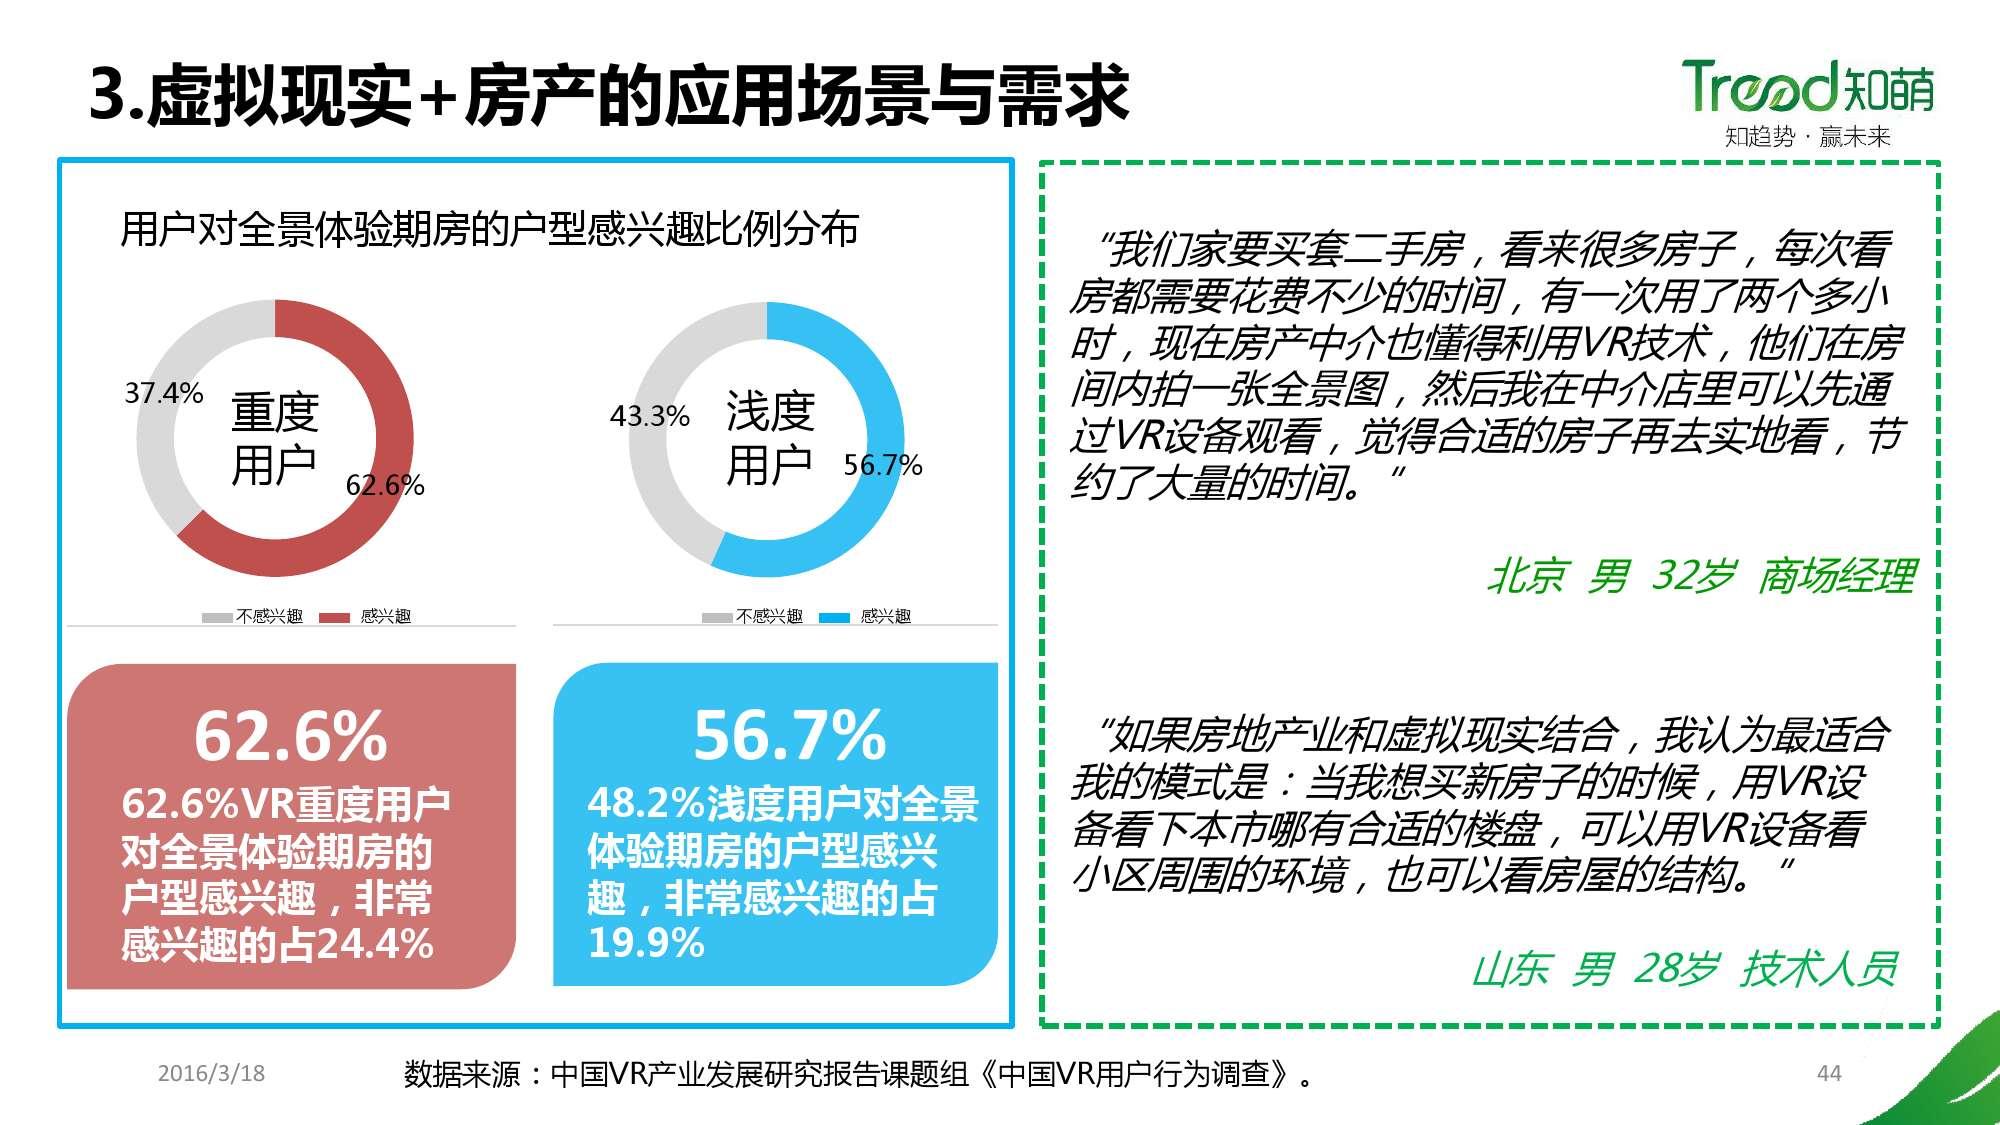 中国VR用户行为研究报告_000044